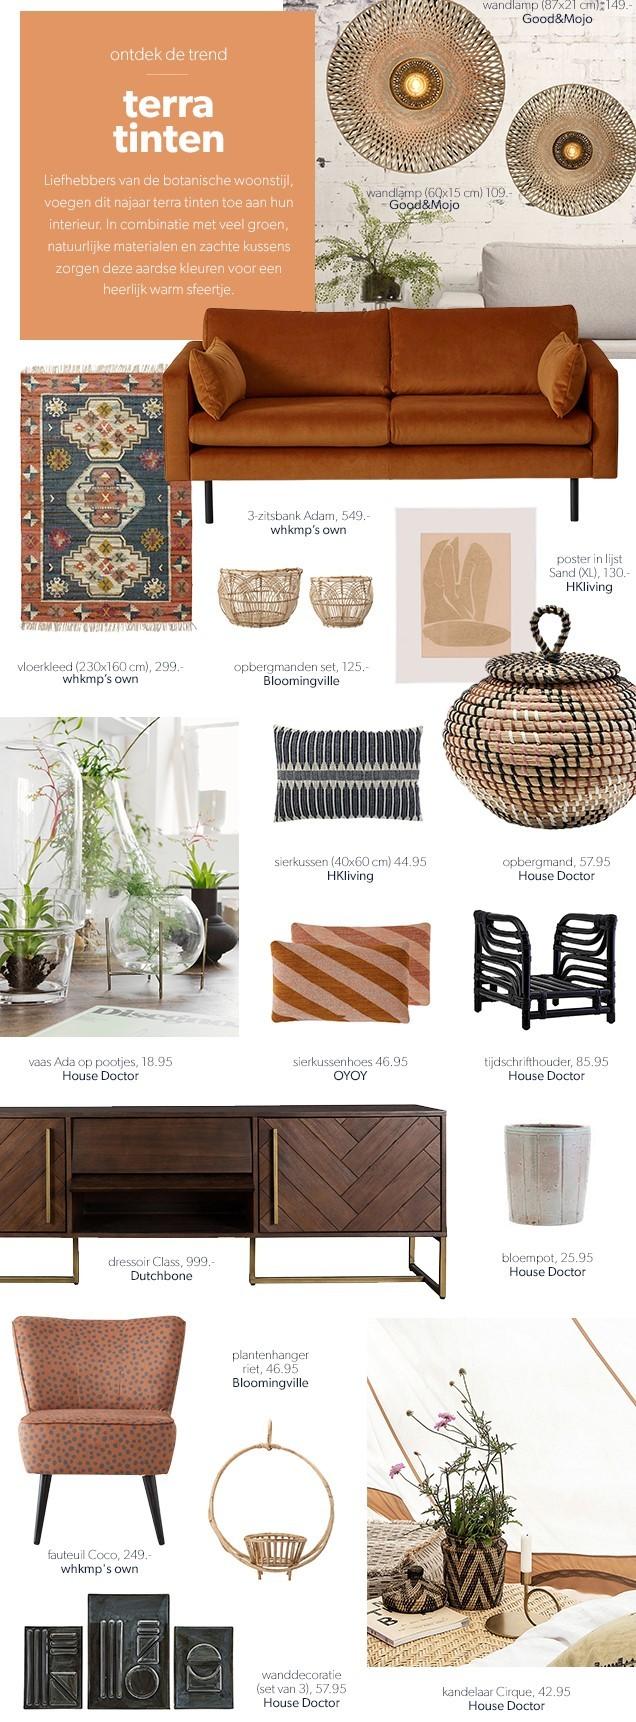 Woontrends herfst 2020, meubelen afgebeeld in terra tinten - Botanische woonstijl